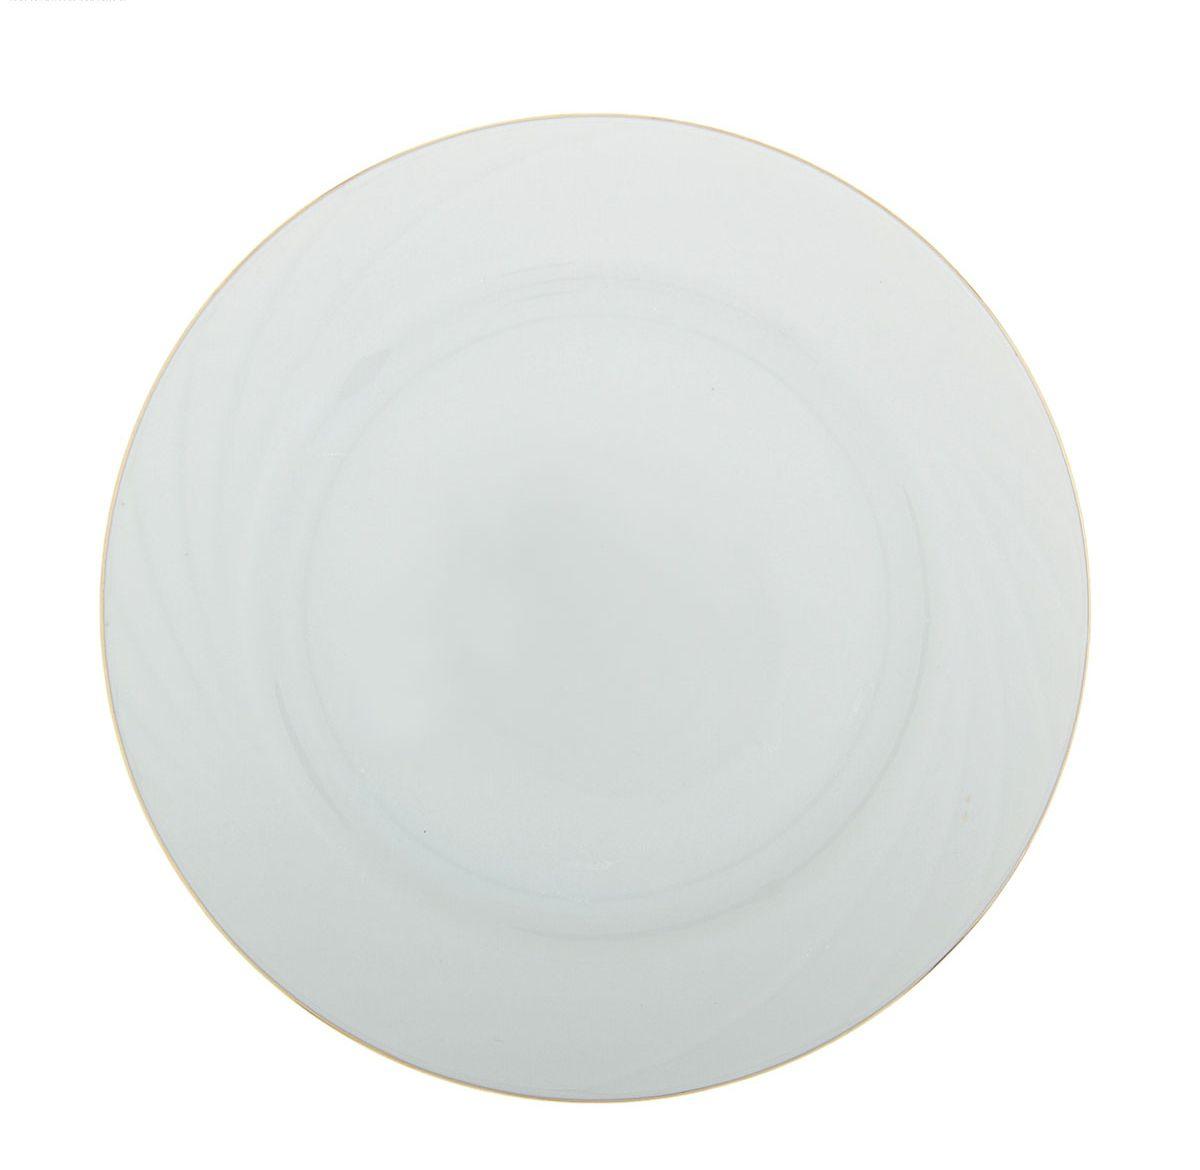 Тарелка мелкая Добрушский фарфоровый завод Голубка, диаметр 17,5 см507896Тарелка Голубка выполнена из высококачественного фарфора. Она прекрасно впишется в интерьер вашей кухни и станет достойным дополнением к кухонному инвентарю. Тарелка Голубка подчеркнет прекрасный вкус хозяйки и станет отличным подарком.